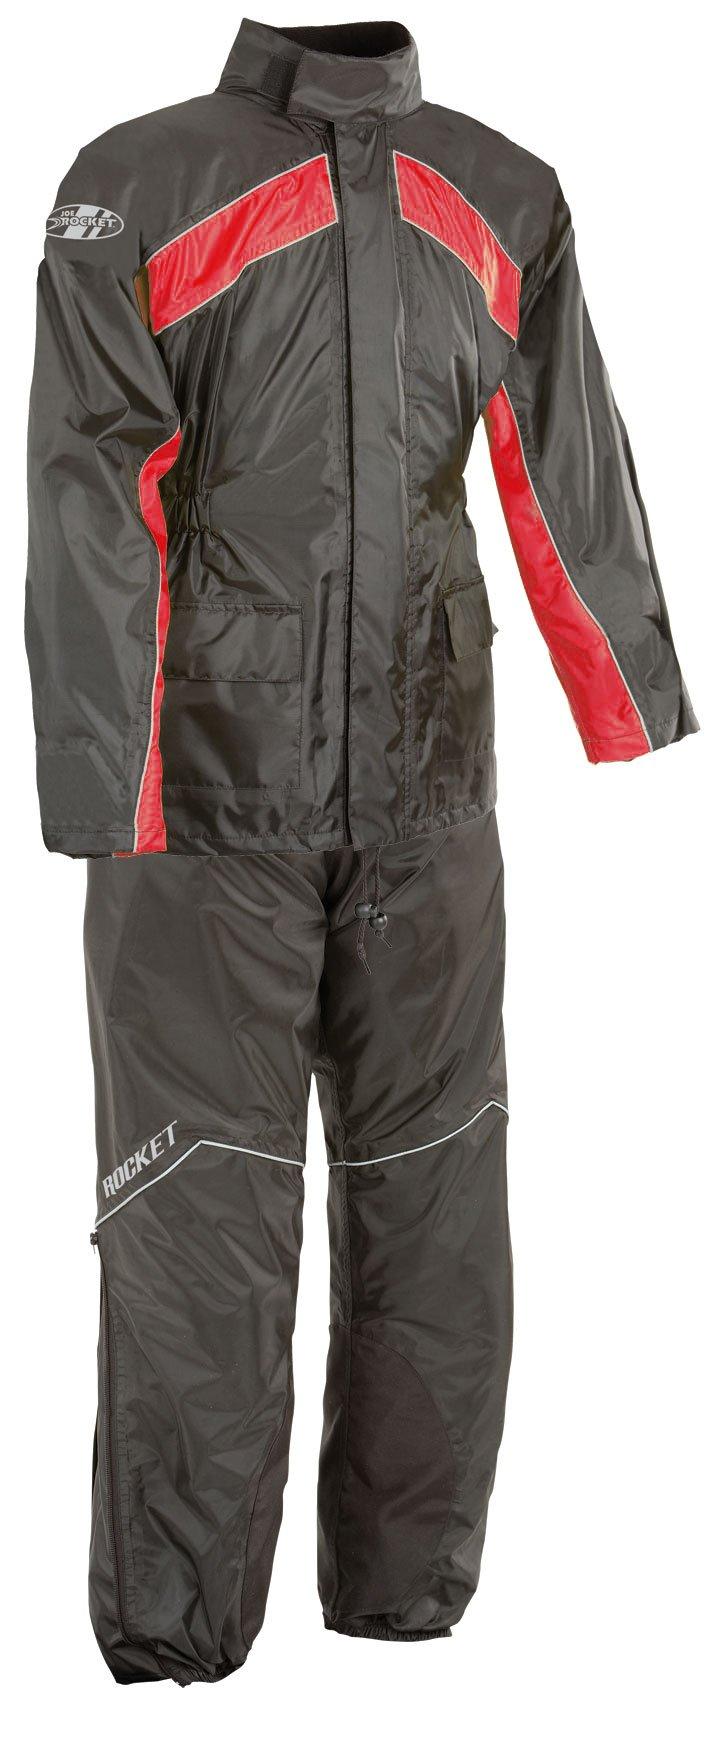 Joe Rocket RS-2 Men's Motorcycle Rain Suit (Black/Red, Medium)